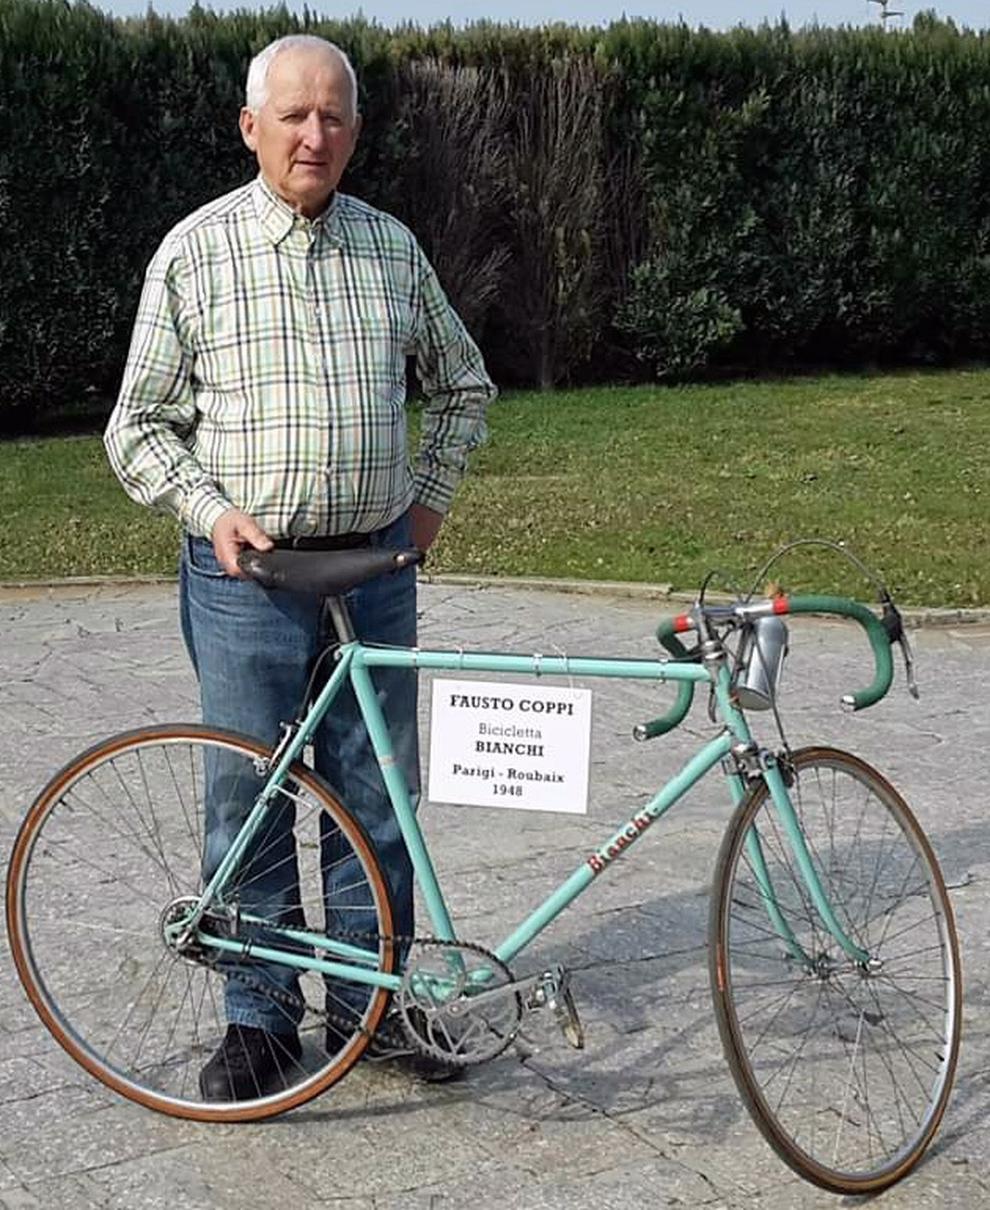 Ritrovata La Bici Di Fausto Coppi Lhanno Lasciata Legata A Un Palo